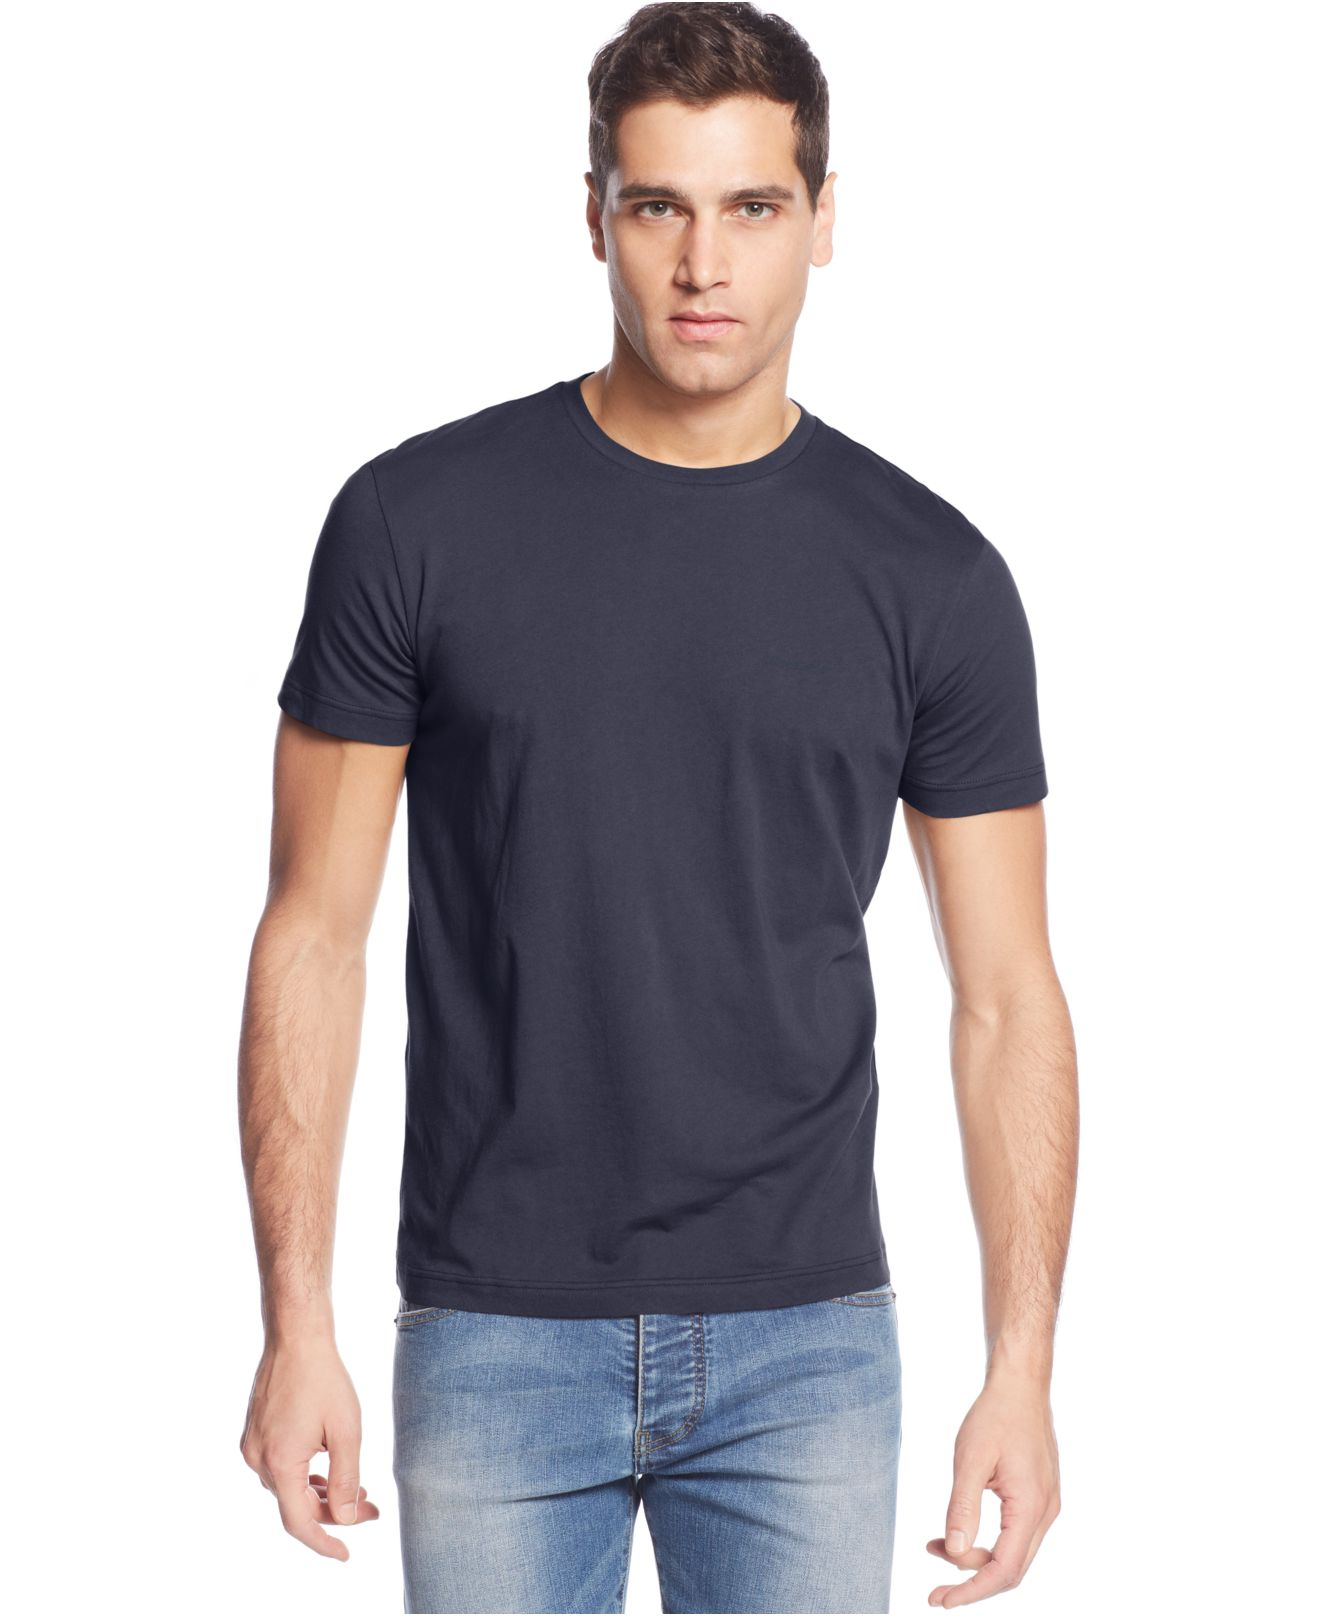 armani jeans largo logo t shirt in blue for men lyst. Black Bedroom Furniture Sets. Home Design Ideas